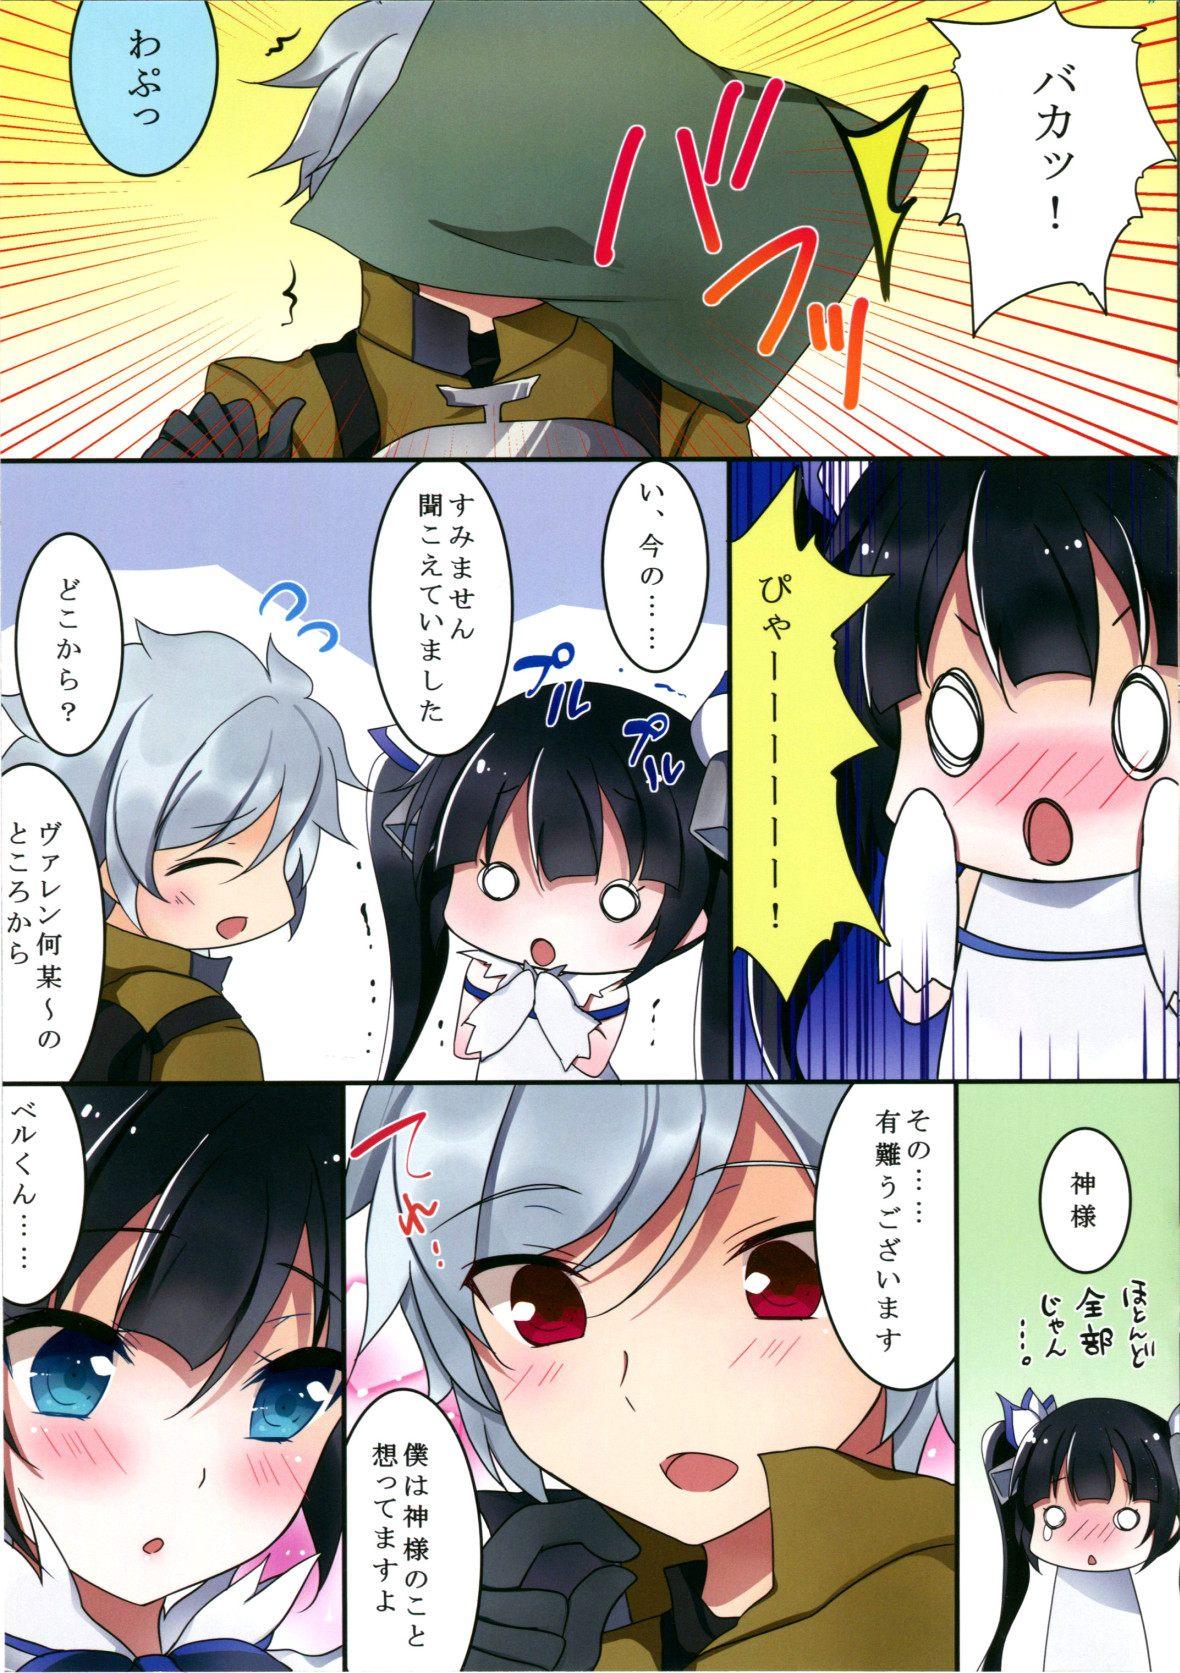 【エロ漫画】ダンジョンに出会いを求めるのは間違っているだろうか ヘスティアちゃんとベル君がセックスして新しいファミリア作ろうとしてる!